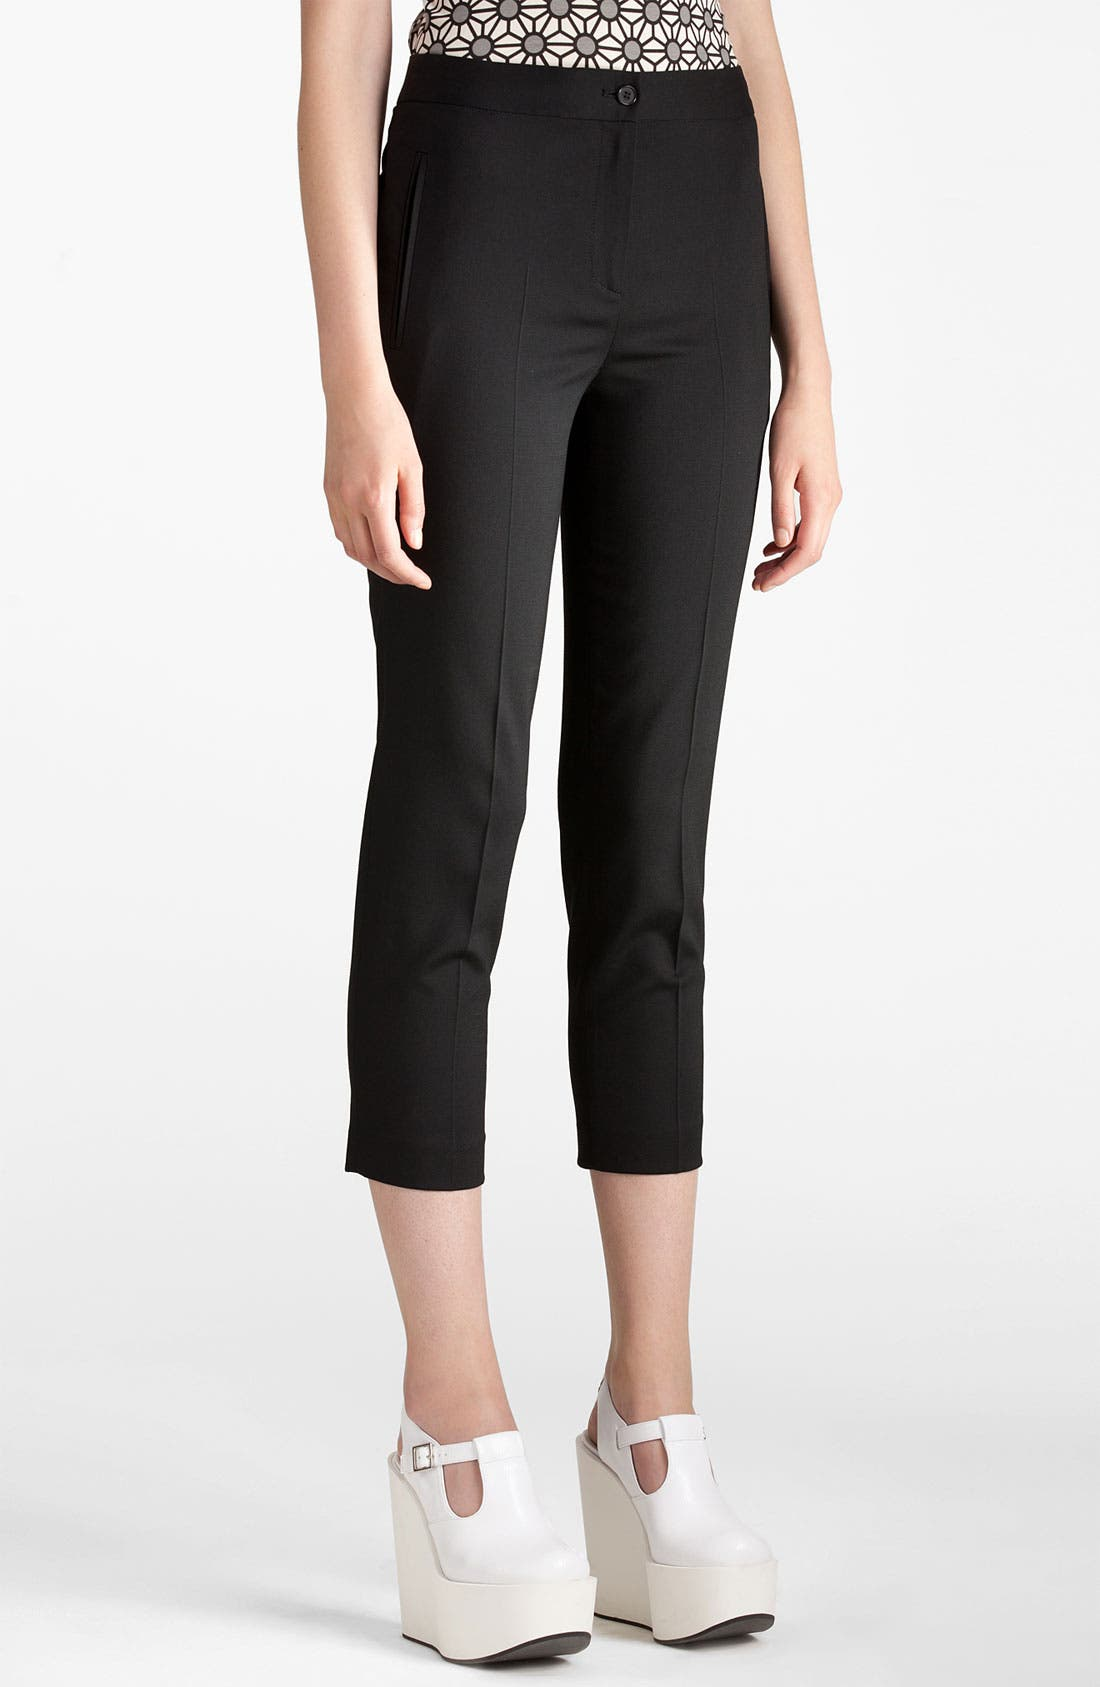 Alternate Image 1 Selected - Jil Sander Navy Stretch Wool Crop Pants